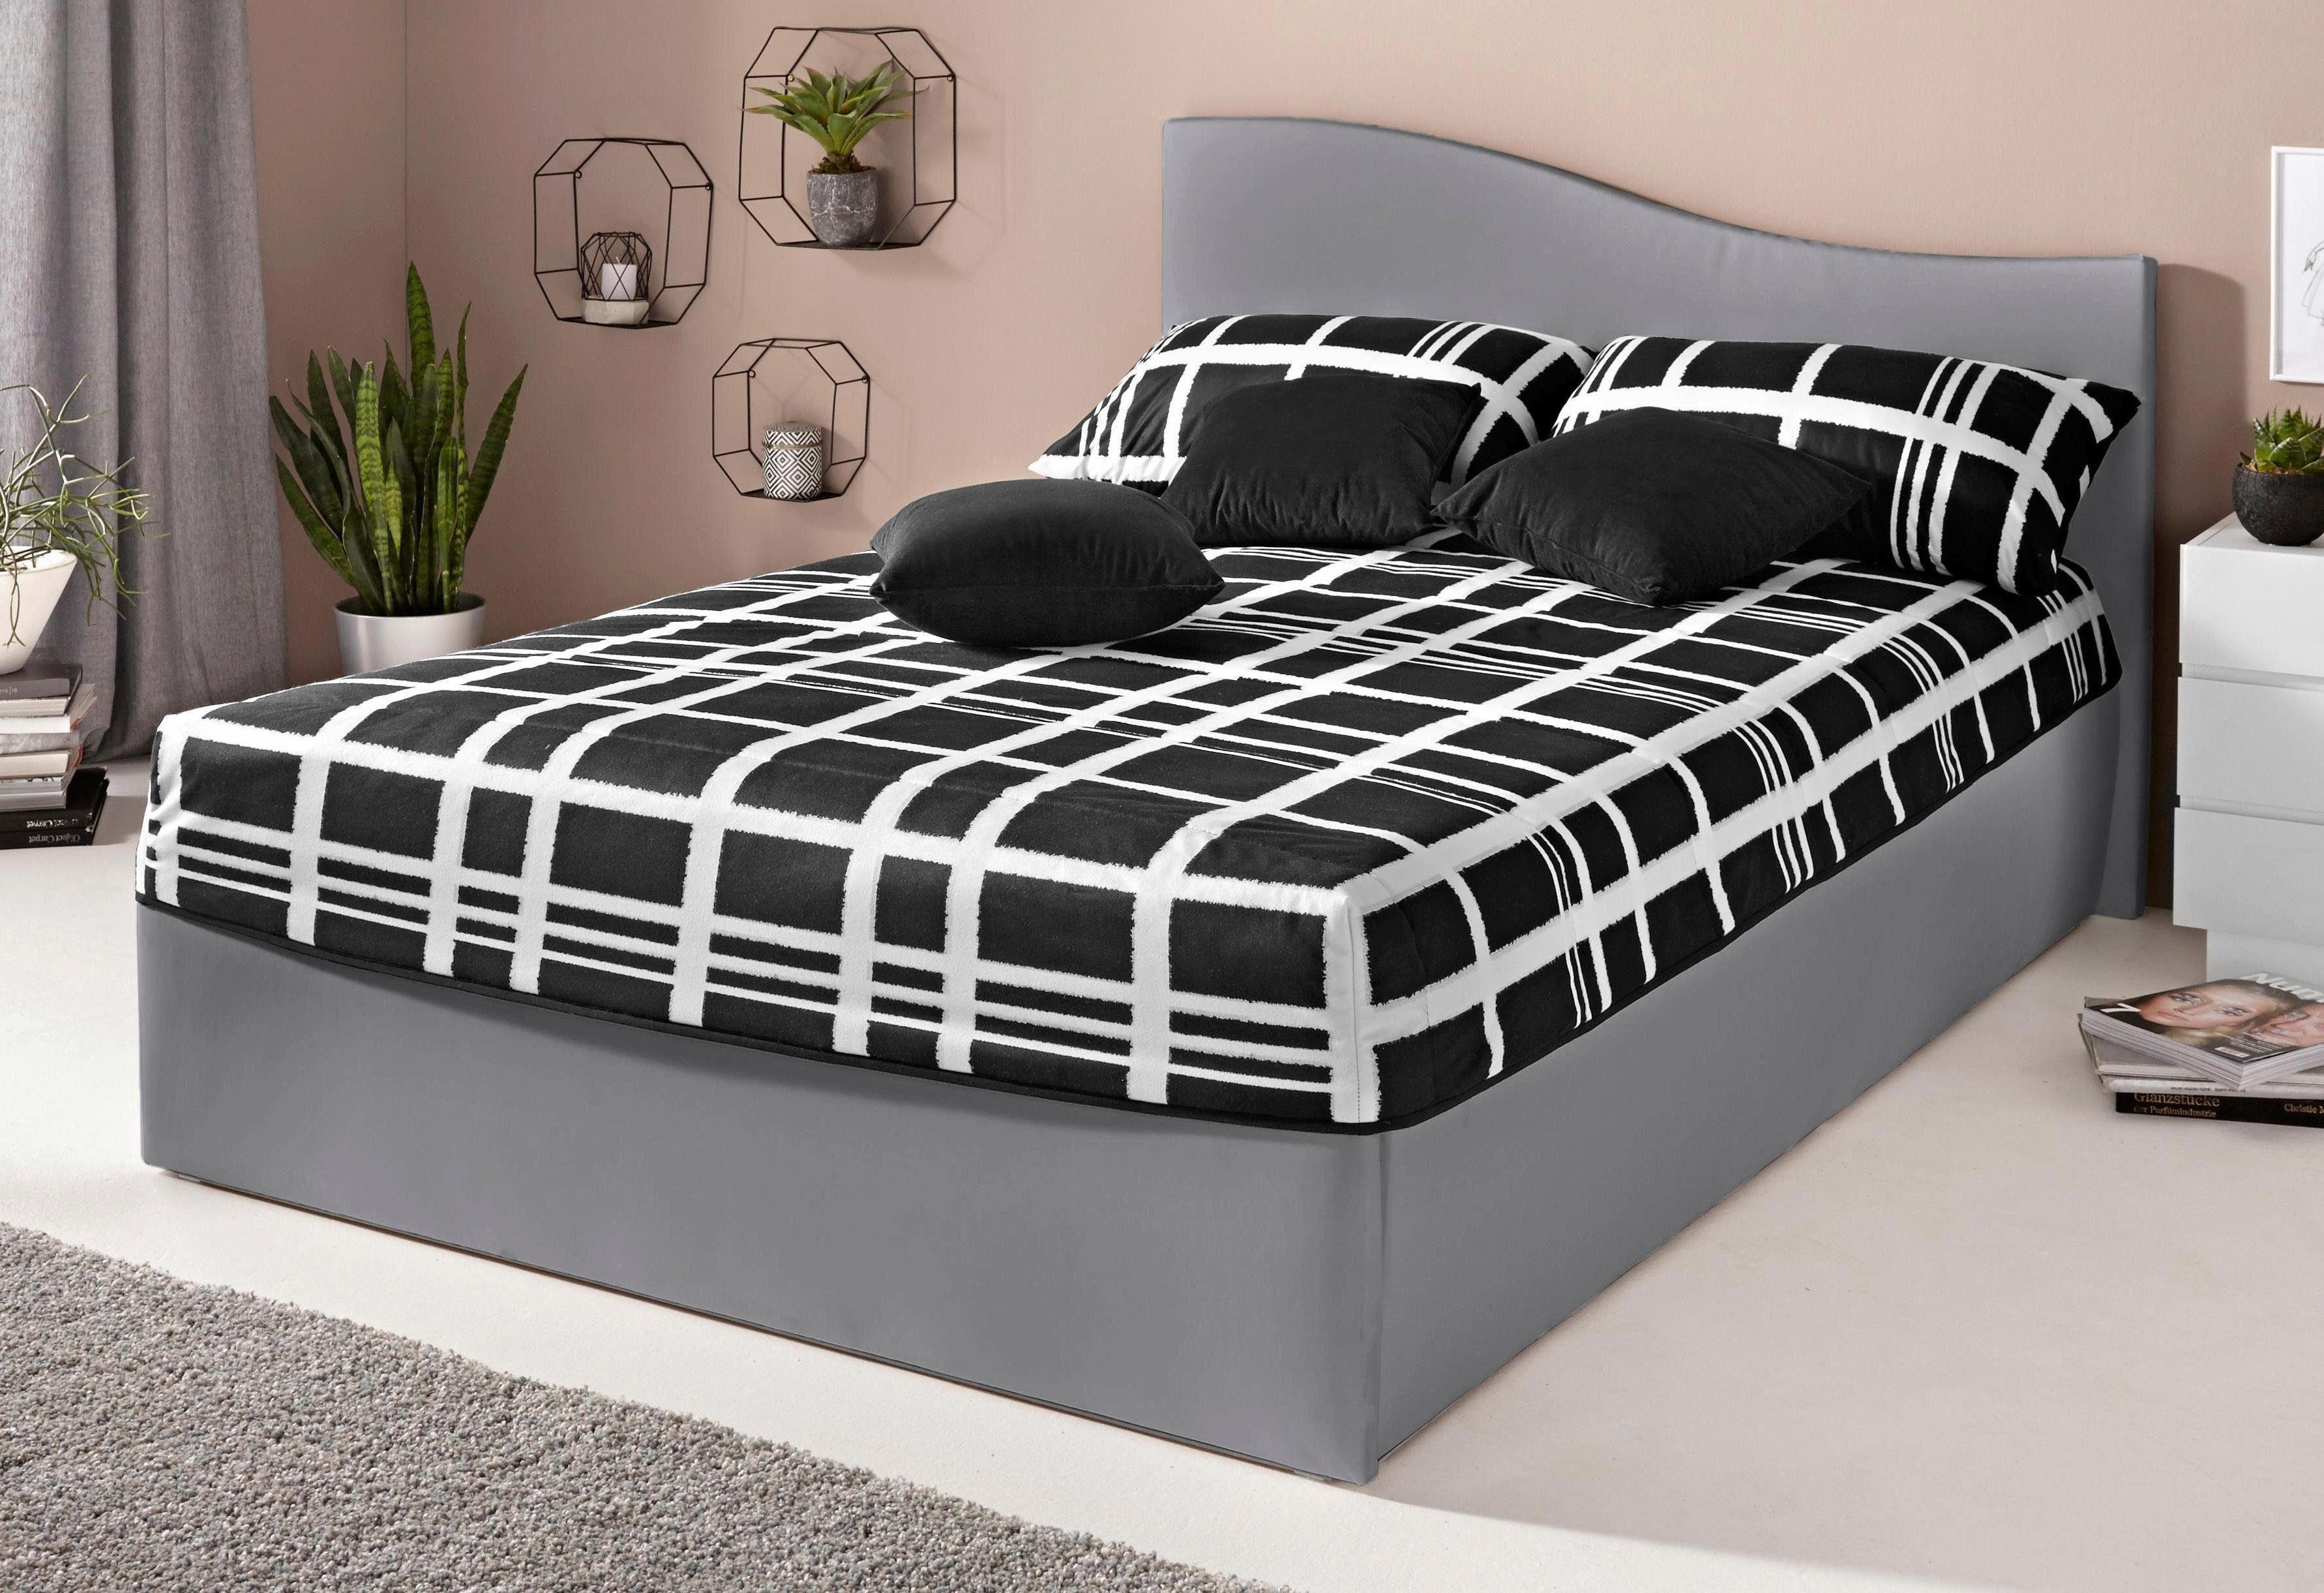 Westfalia Schlafkomfort Polsterbett | Schlafzimmer > Betten | Westfalia Schlafkomfort